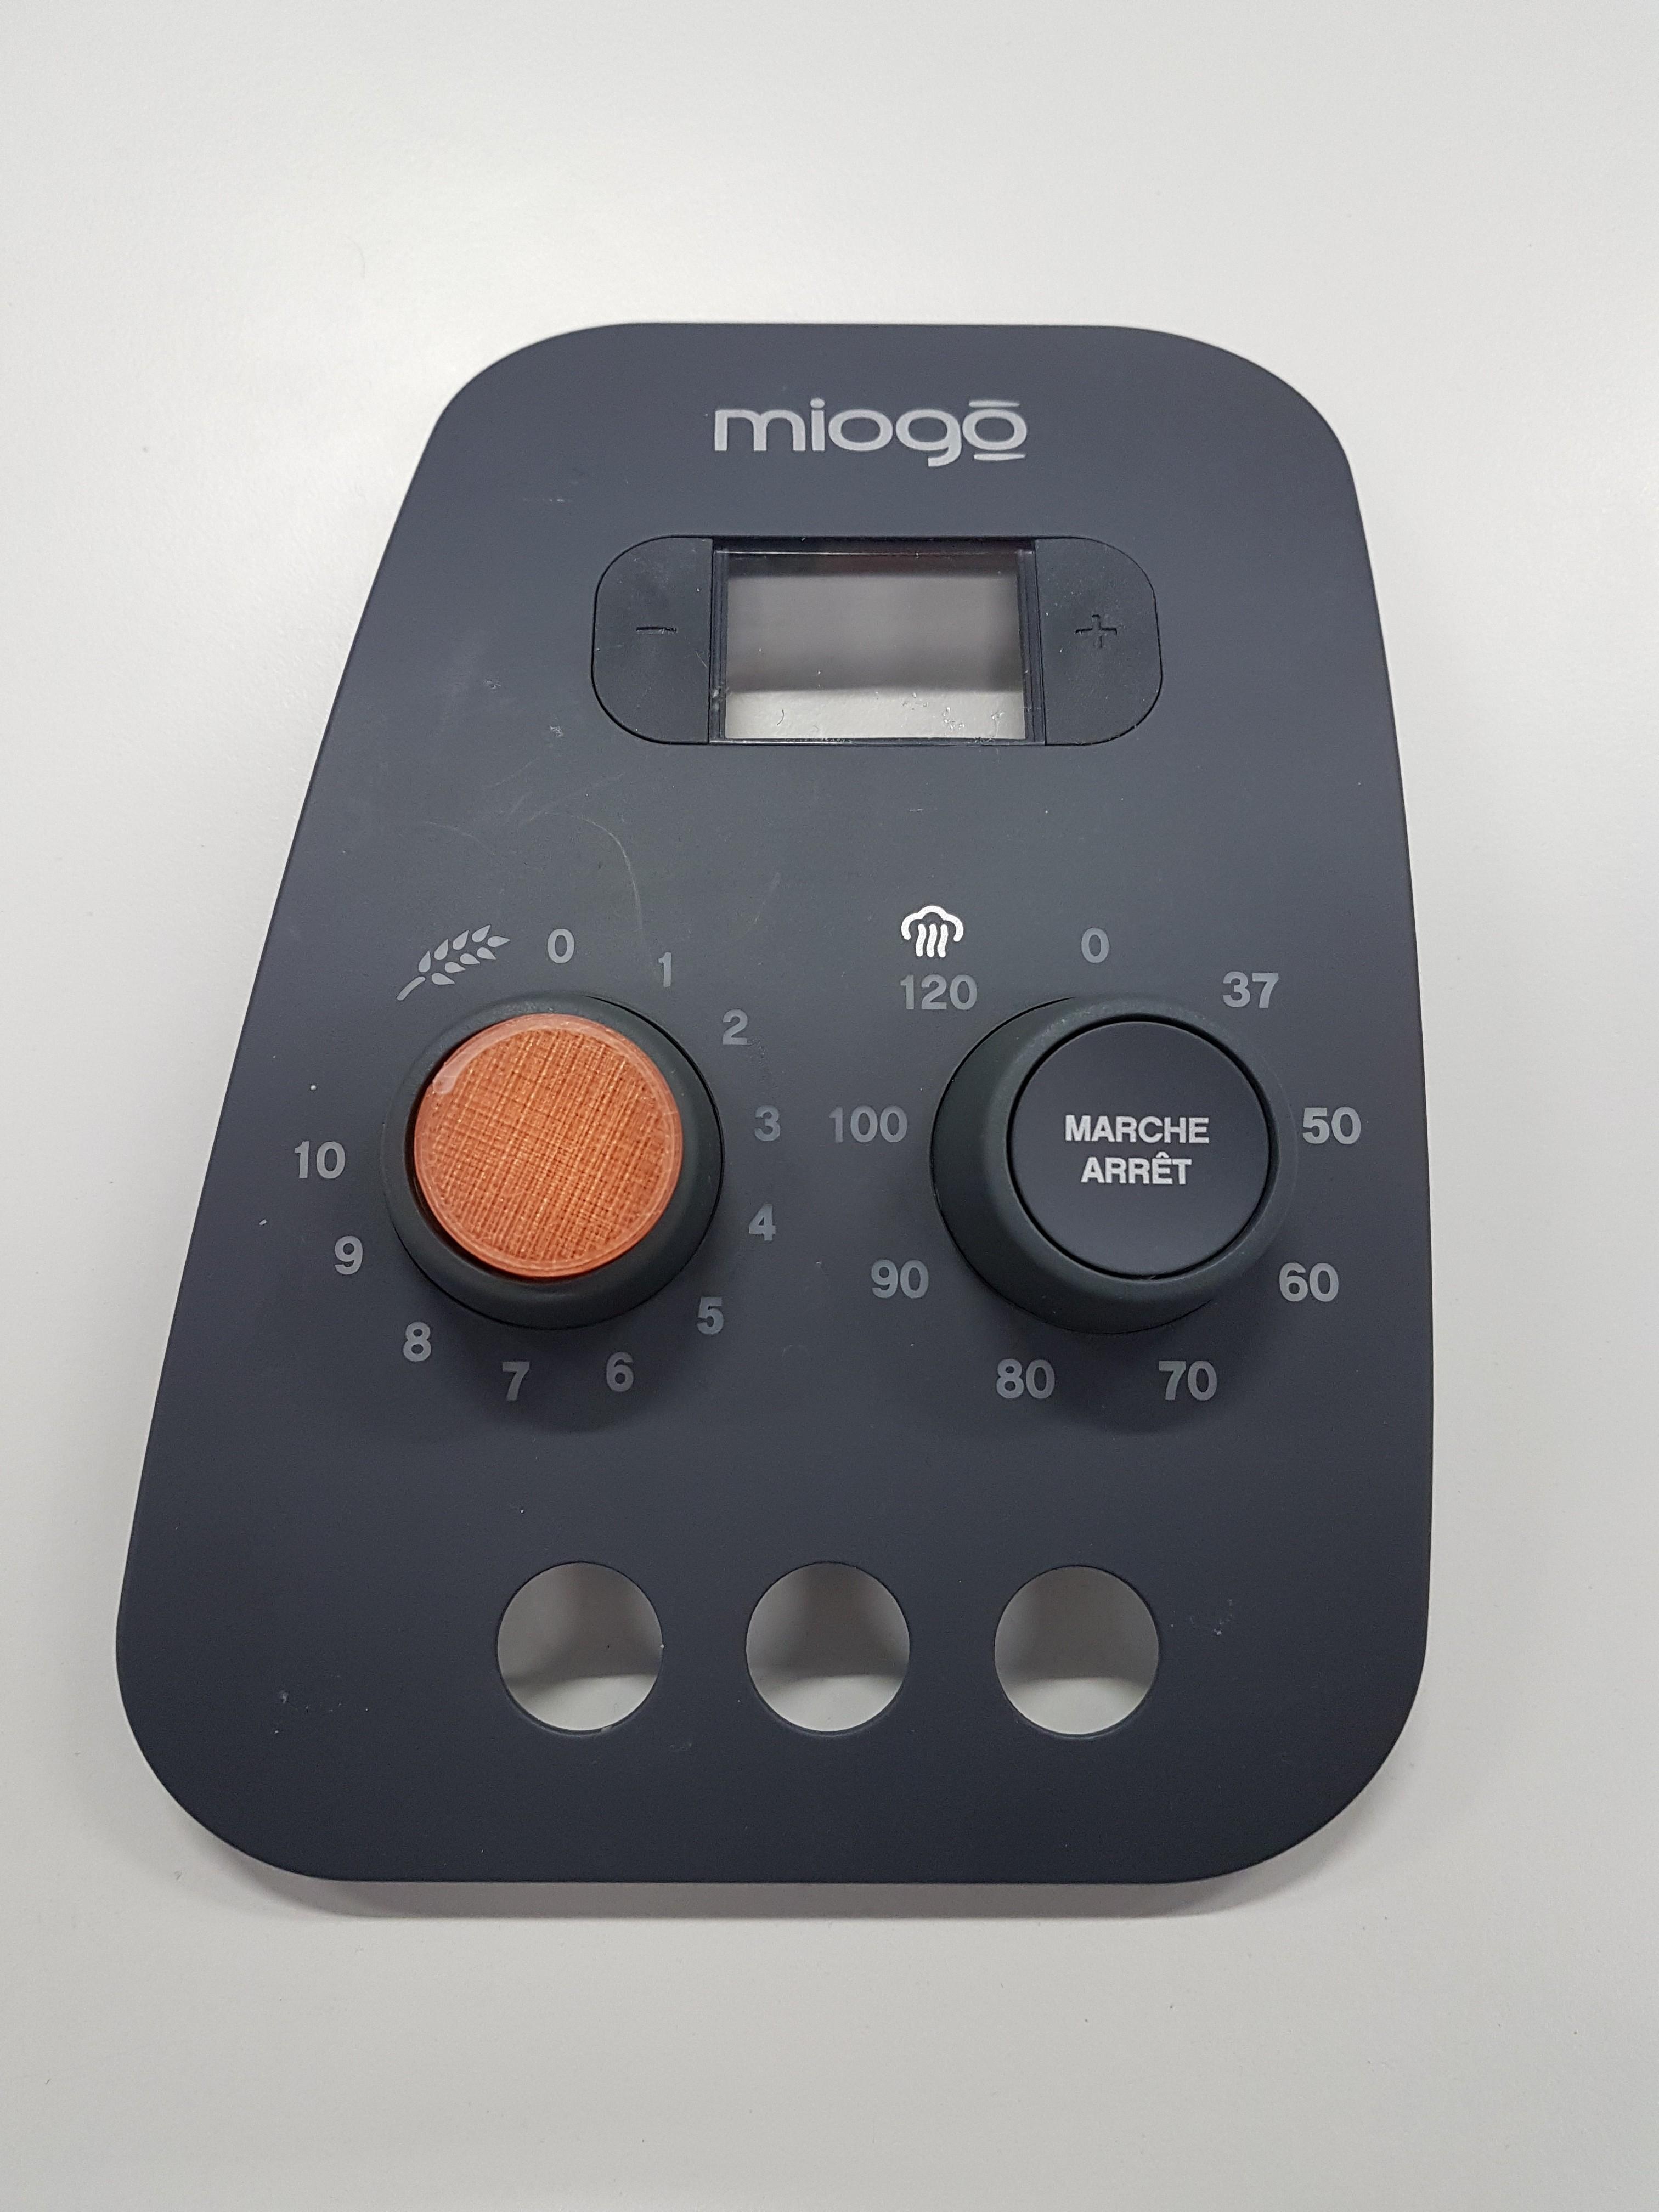 Bouton turbo et marche arret miogo imprim en 3d for Cuisine 3d boulanger